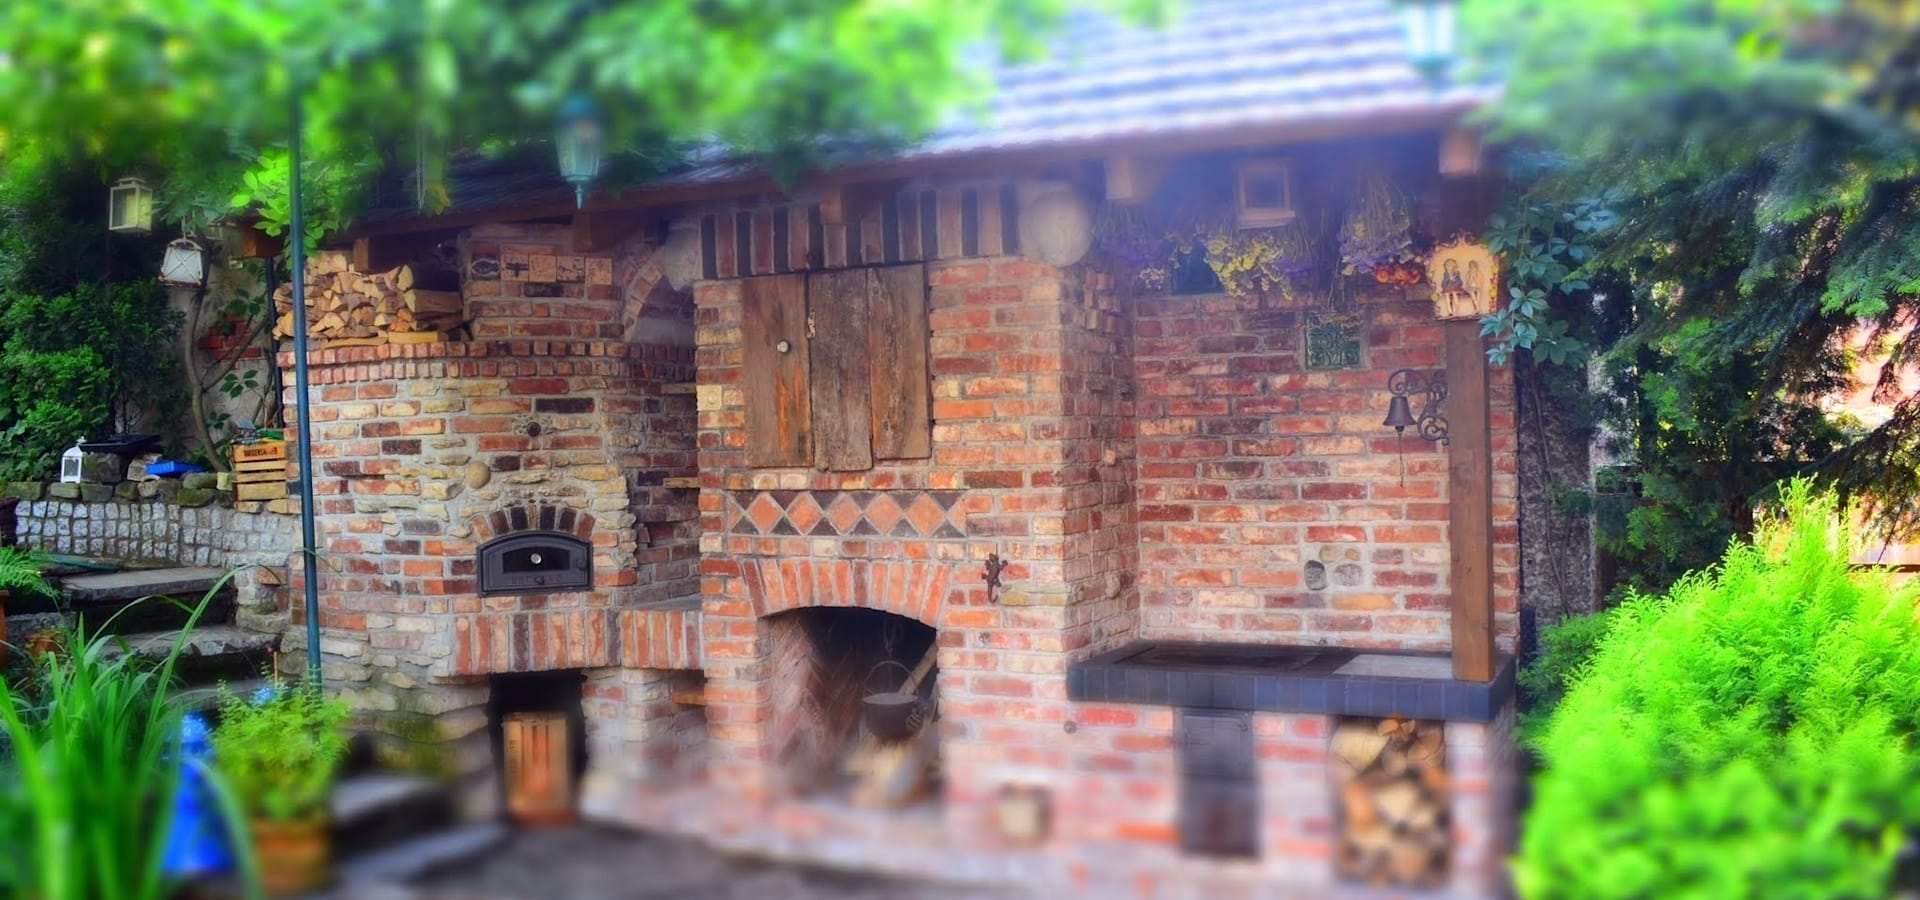 Kuchnia W Ogrodzie من تنفيذ Kuchnia W Ogrodzie هوميفاي